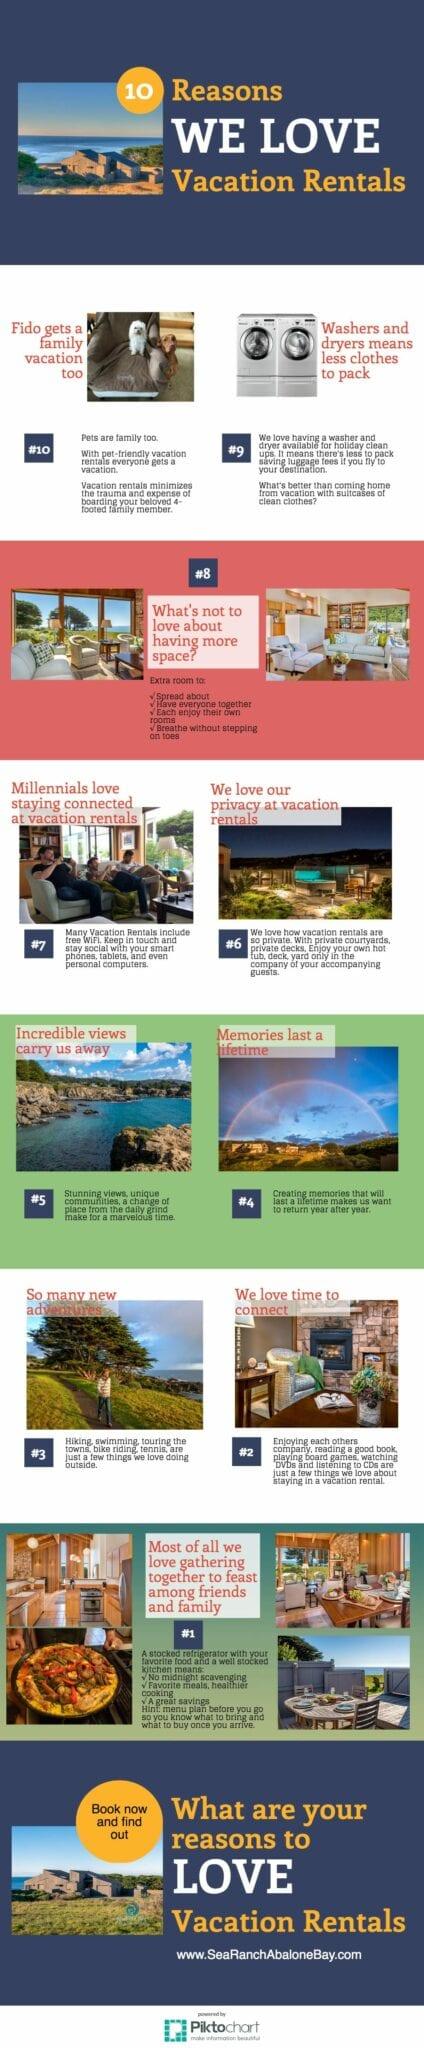 love vacation rentals, sea ranch, abalone bay, vacation rentals